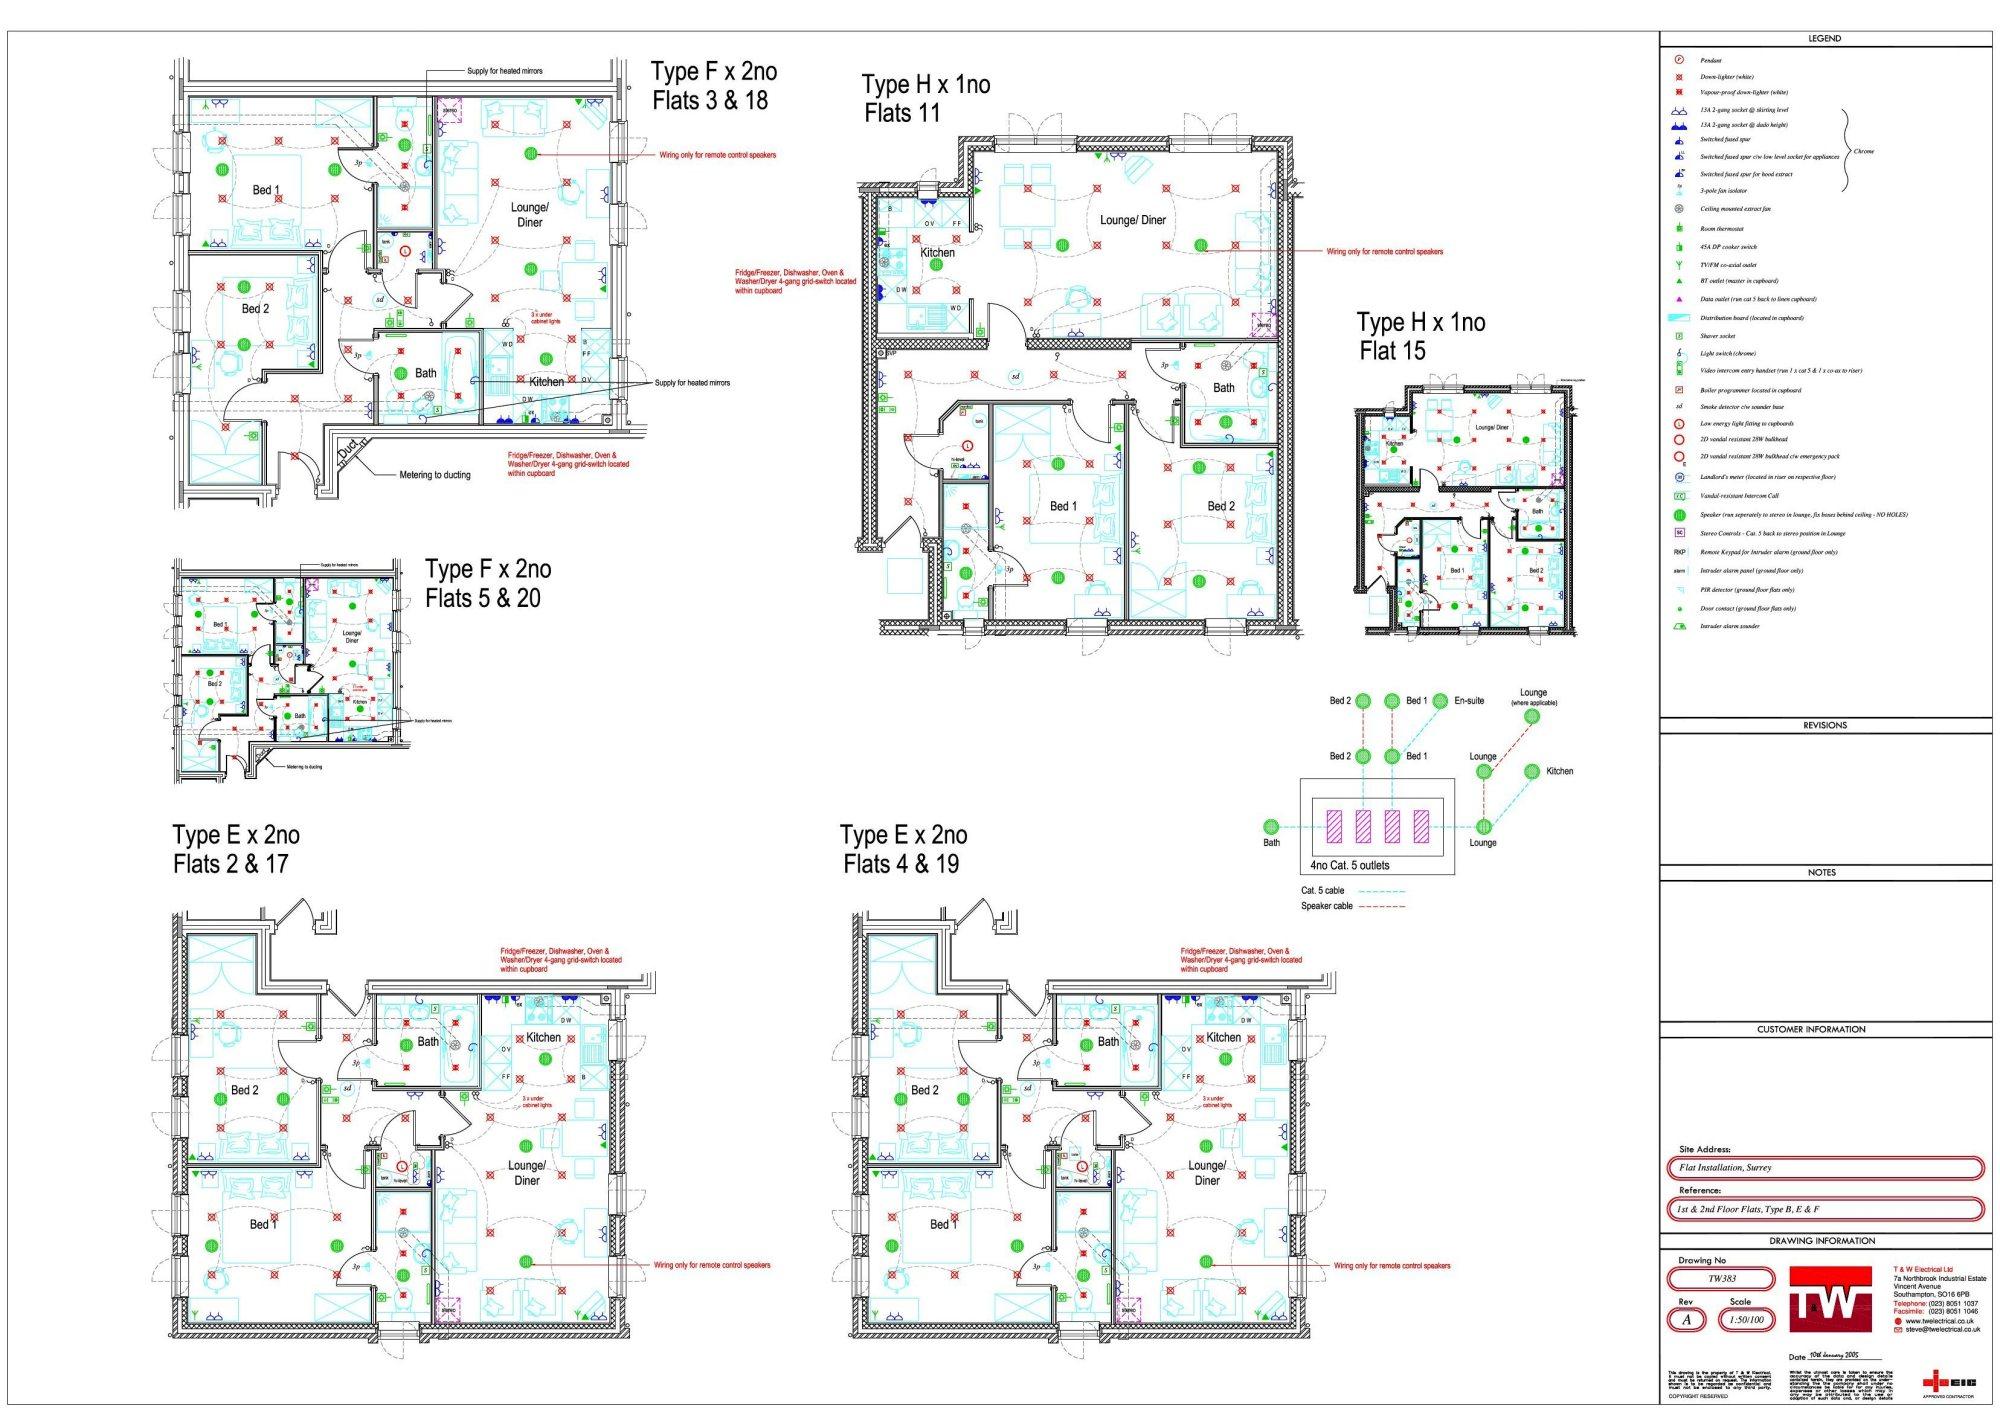 hight resolution of flats final